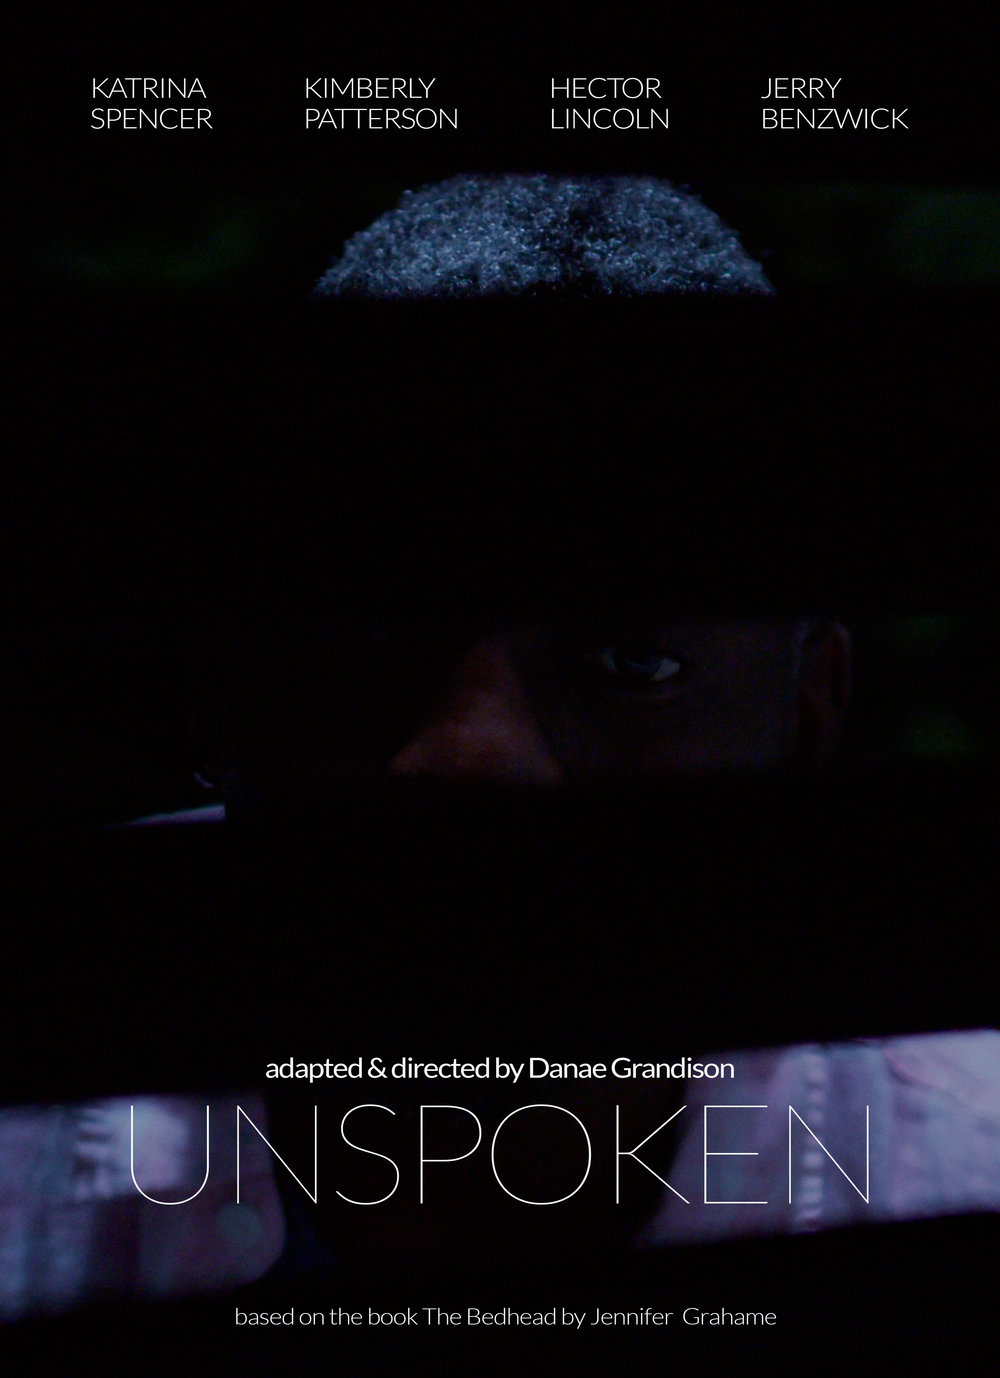 Unspoken_Poster.jpg